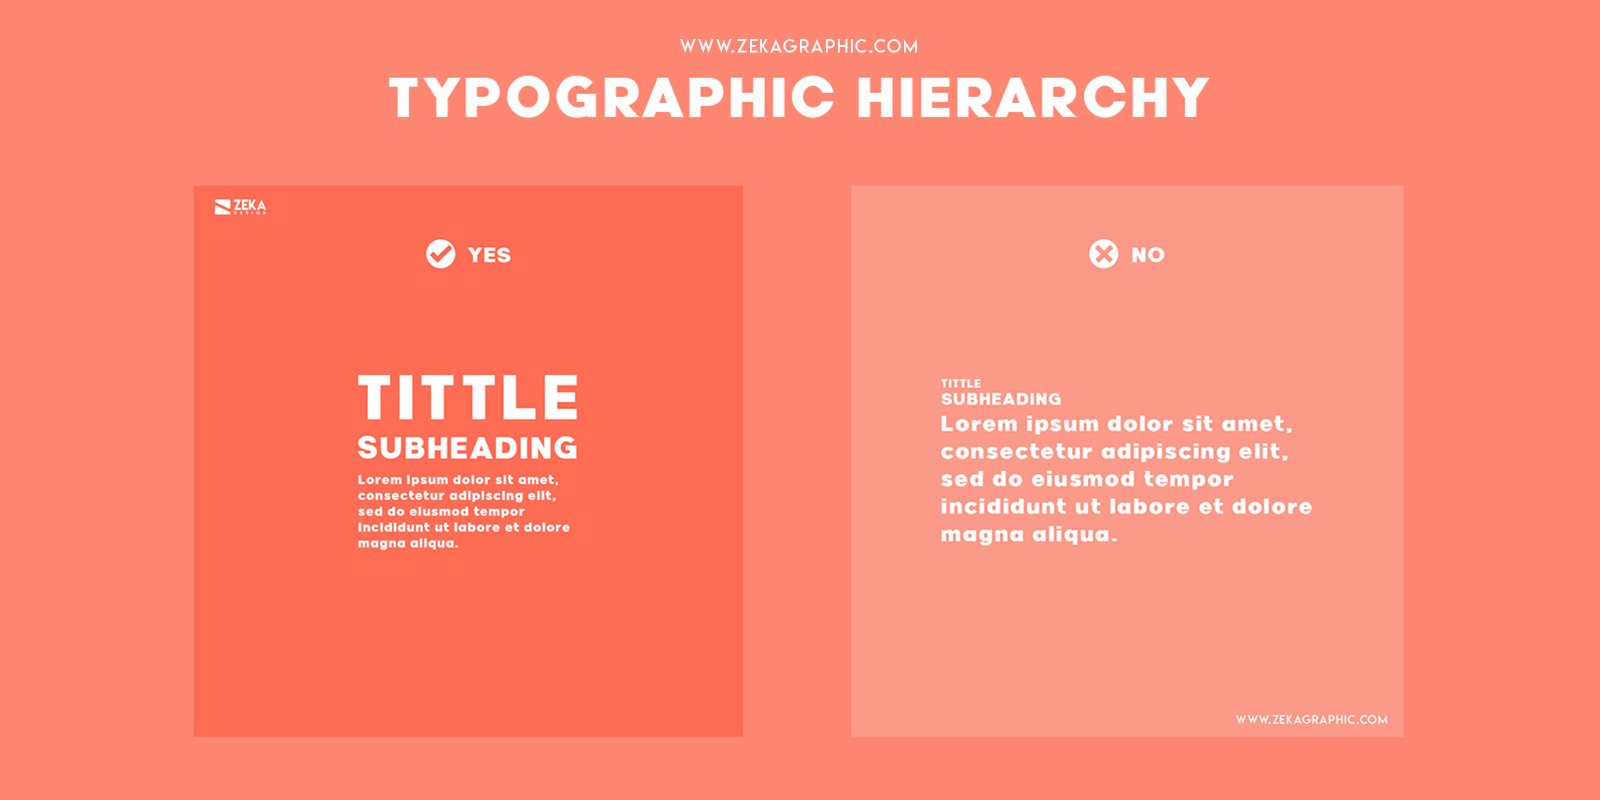 Typographic Hierarchy Visual Hierarchy Principles in Graphic Design